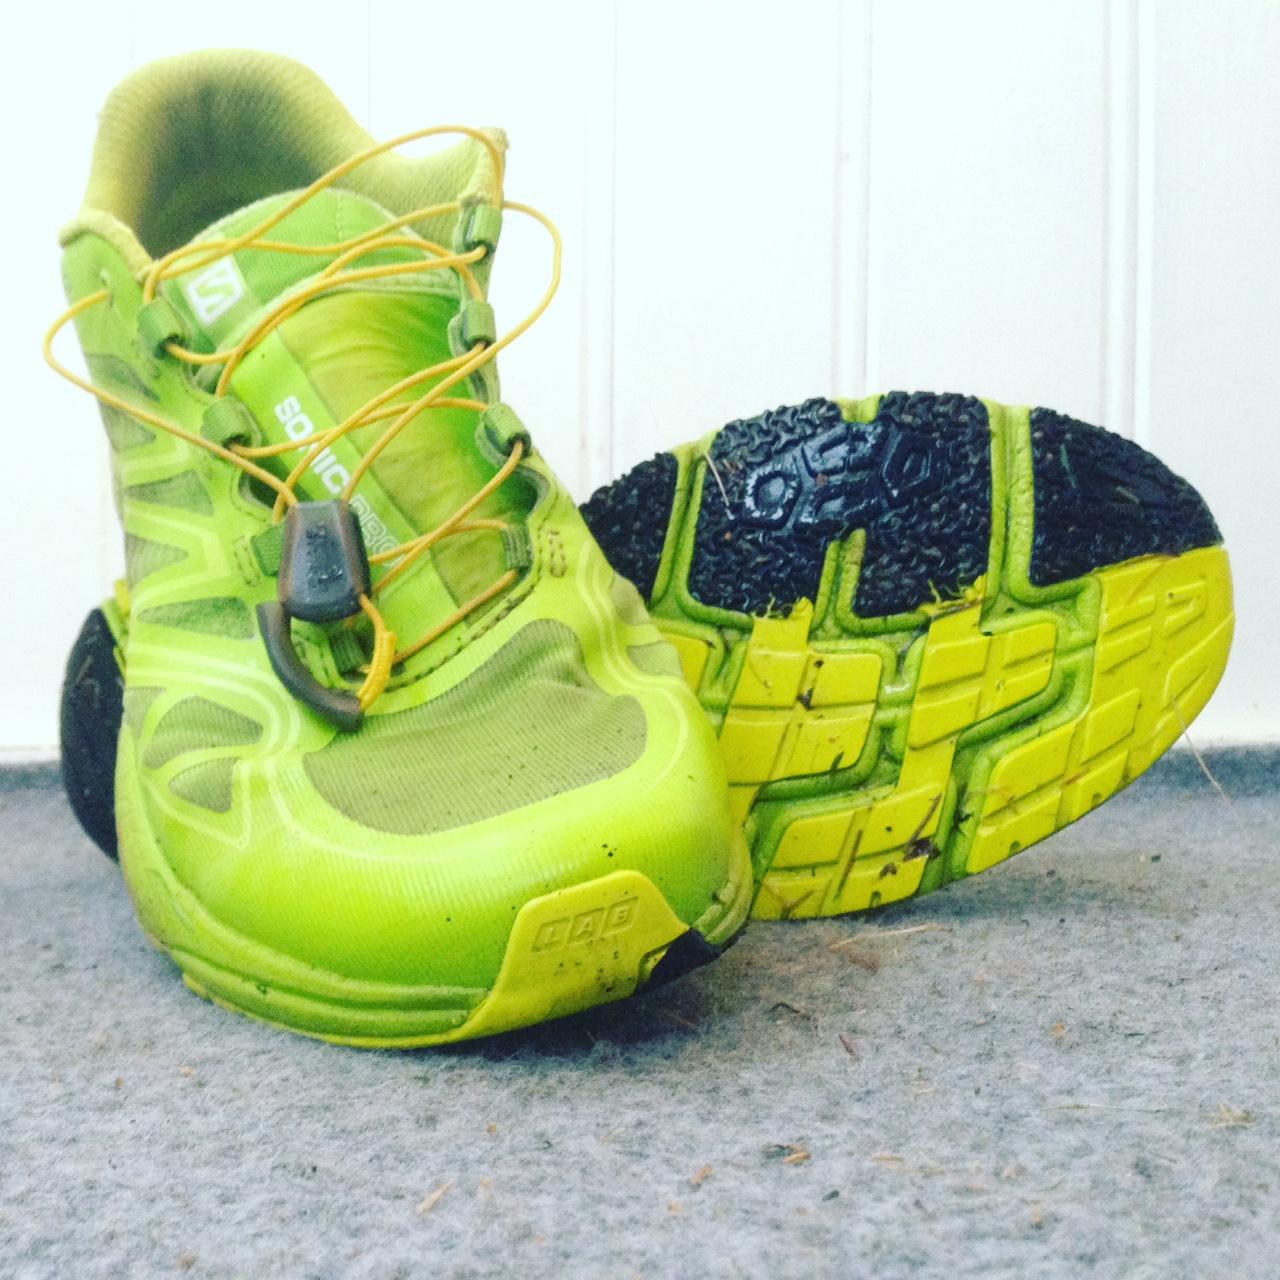 Salomon Sonic Pro - Årets sko 2016